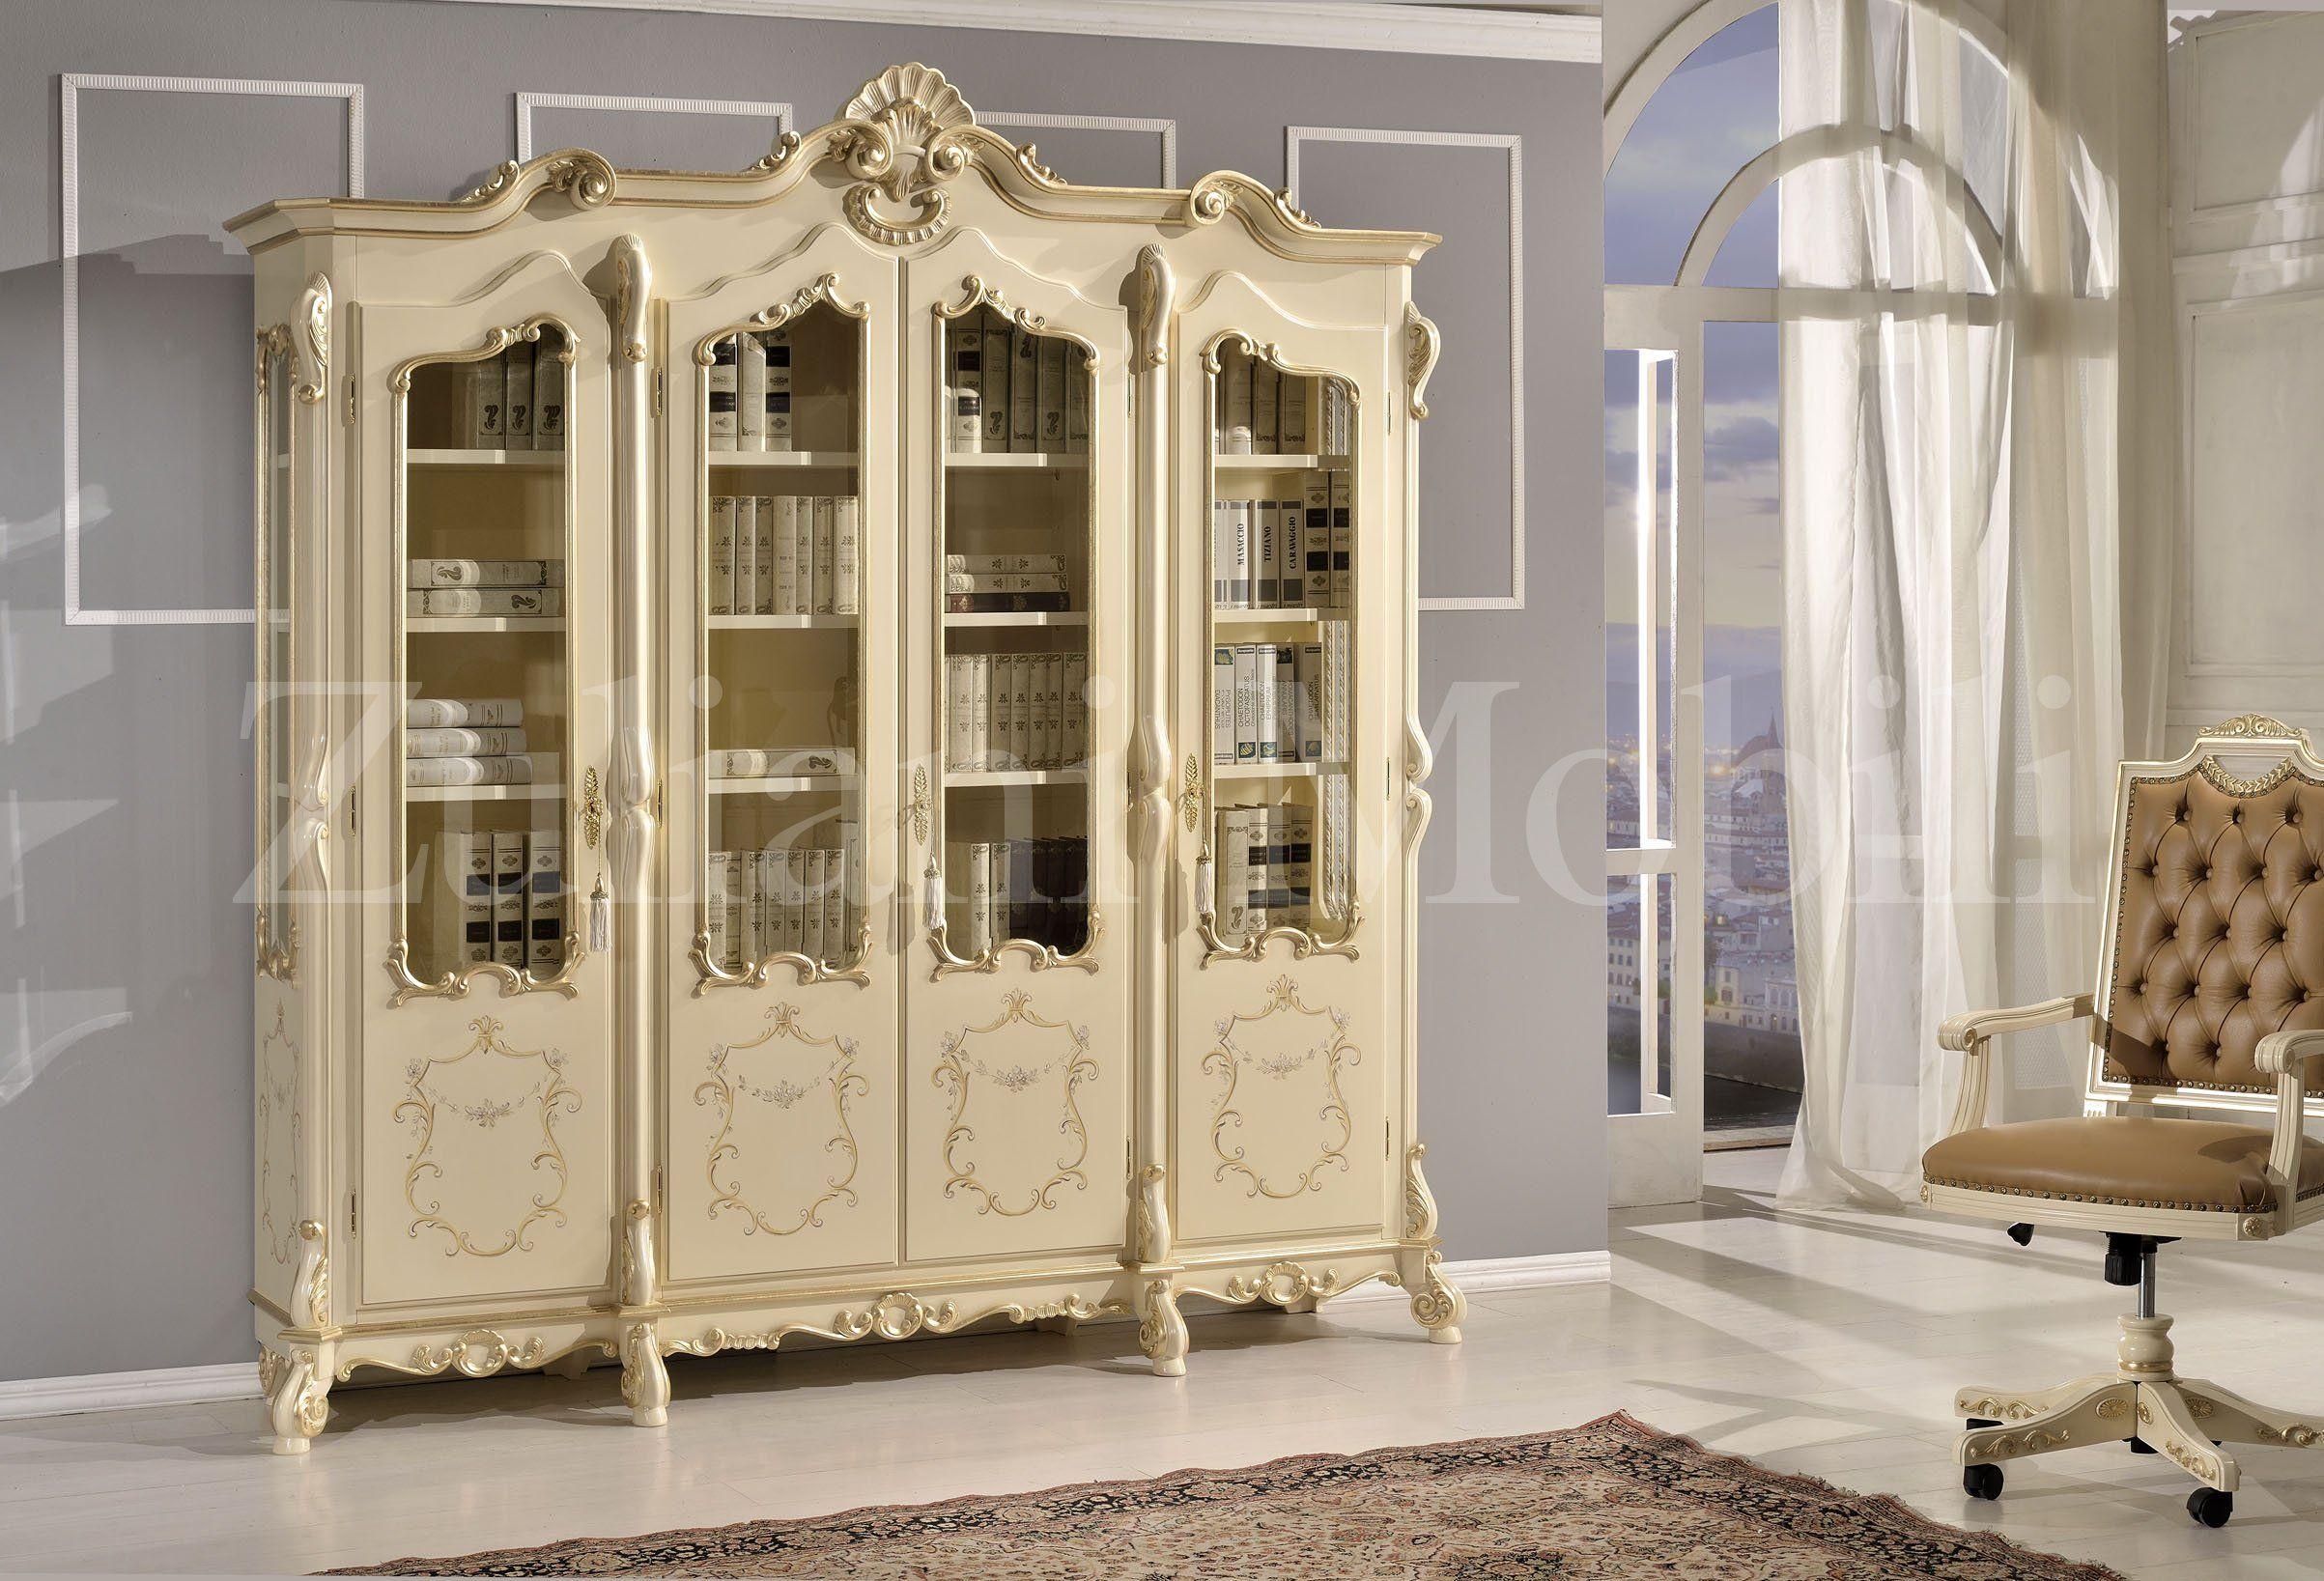 Studio assen di zuliani mobili in stile olandese for Arredamento per fiere